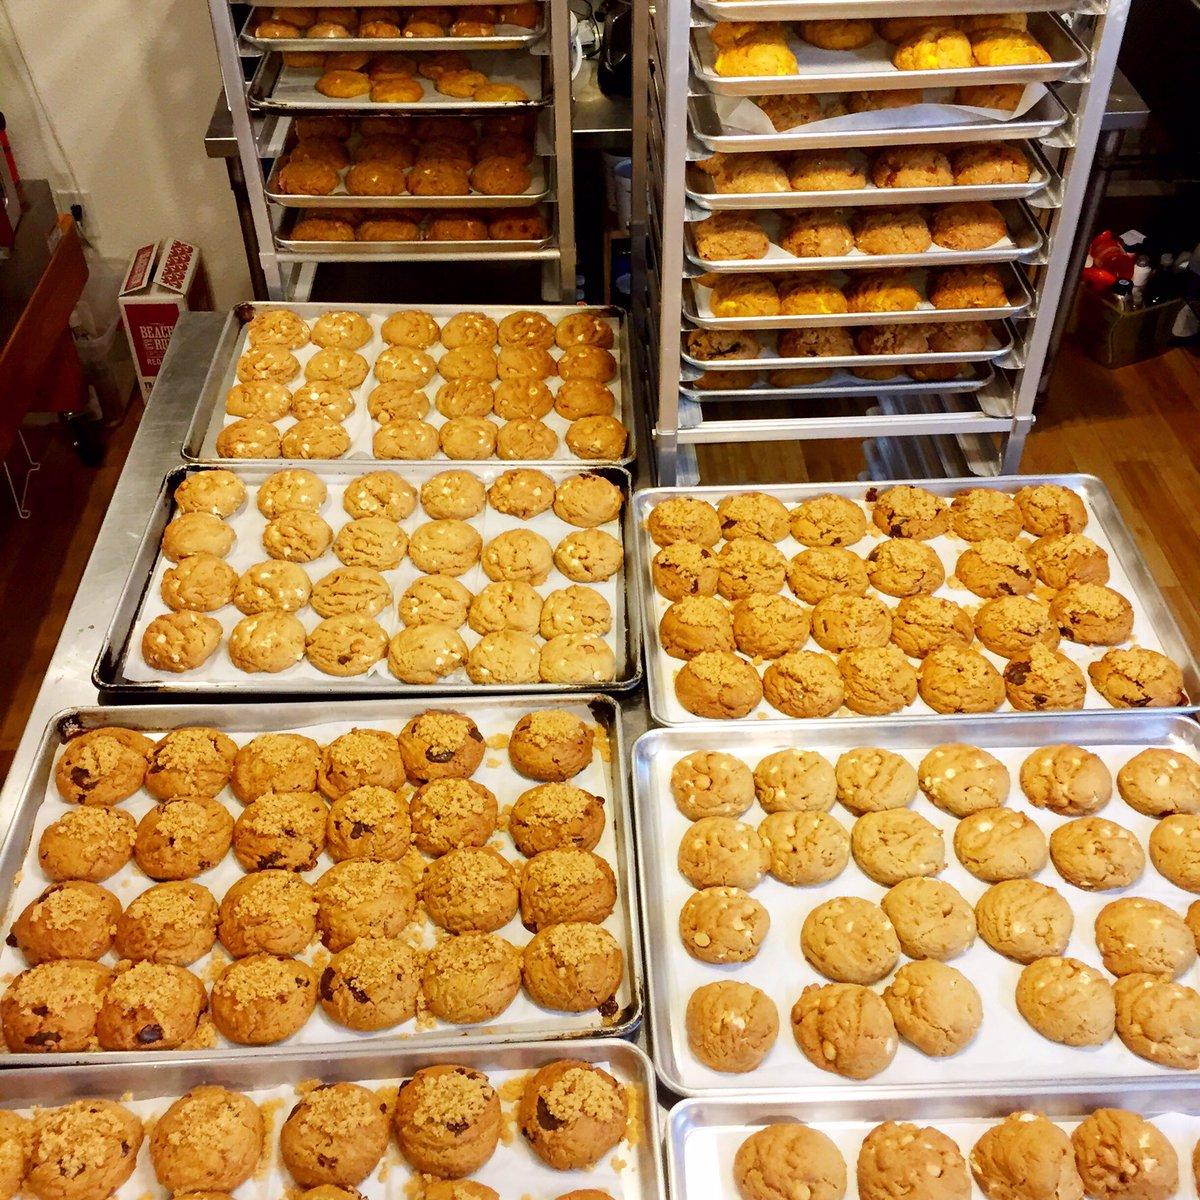 What does heaven look like? #rhetorical question #cookiesfordays  #hawaii #foodie #gourmet #cookies#startups